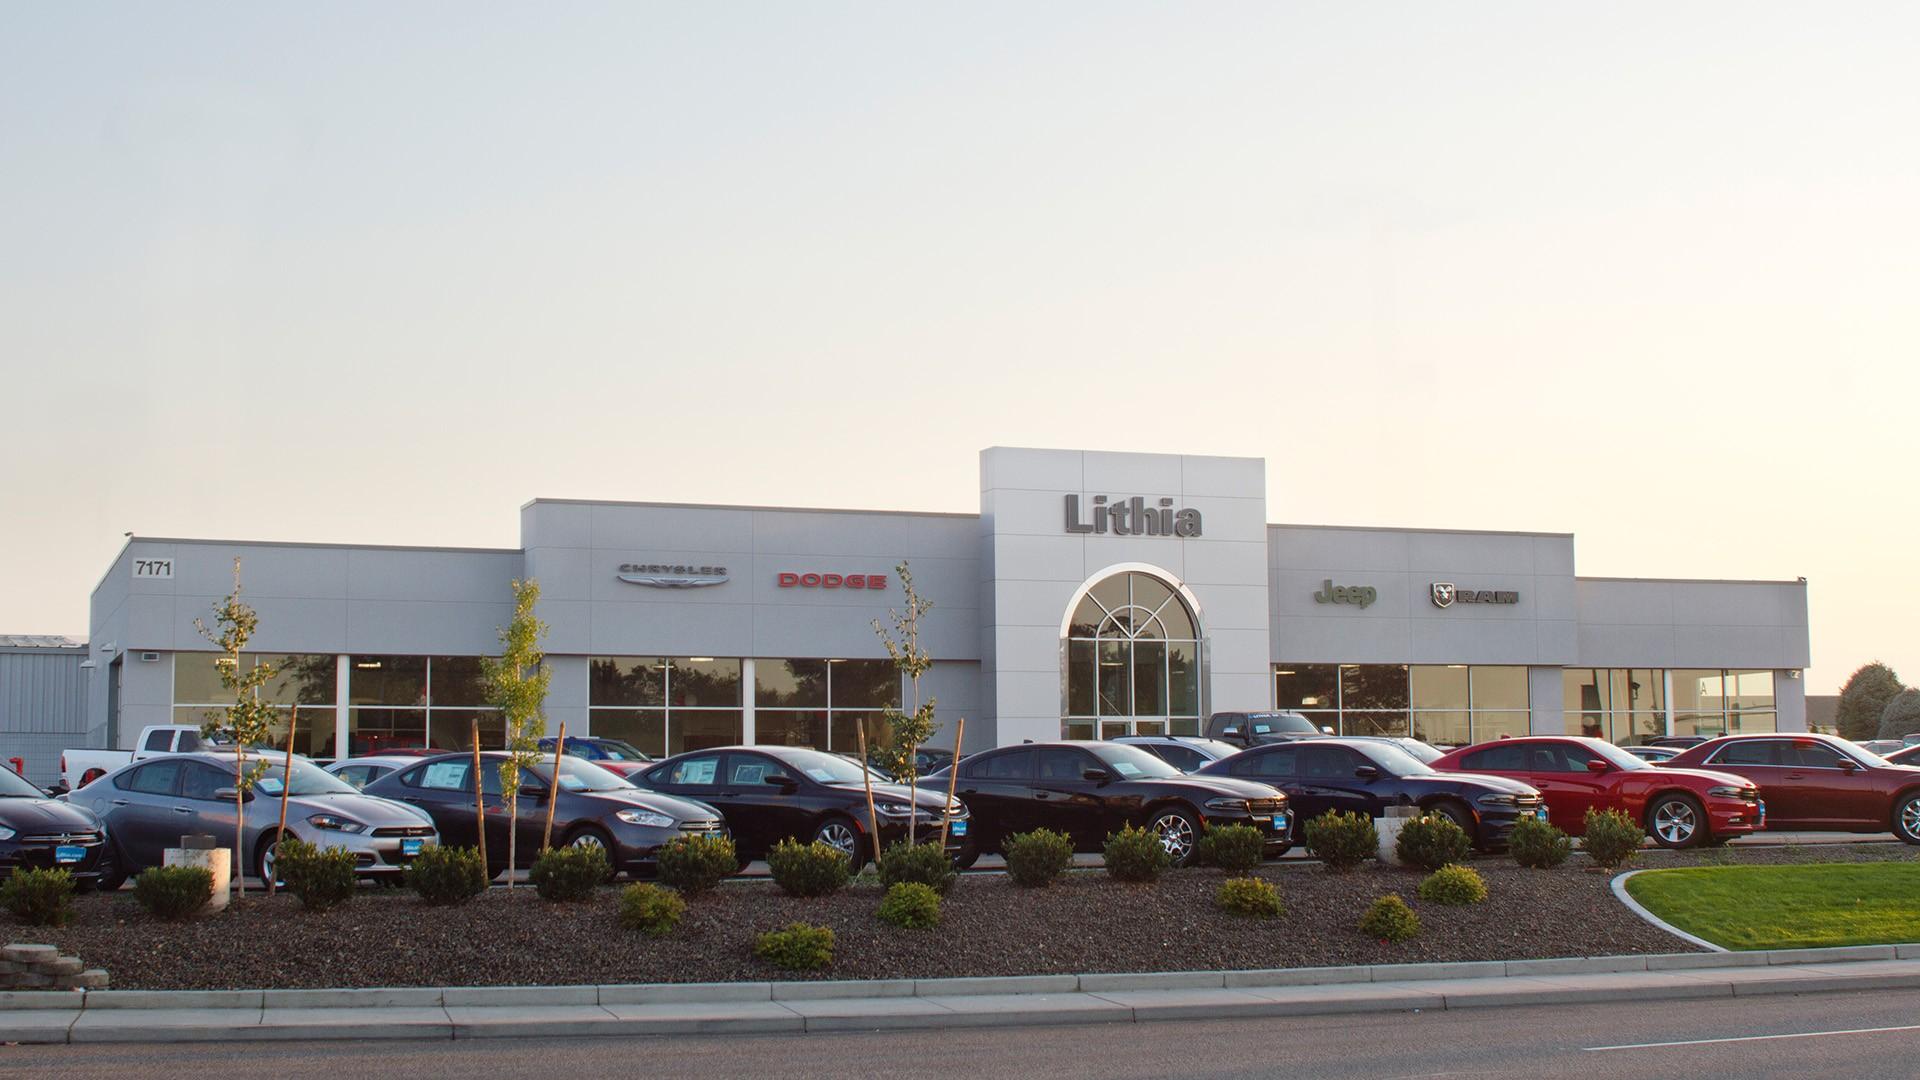 lithia - Retail